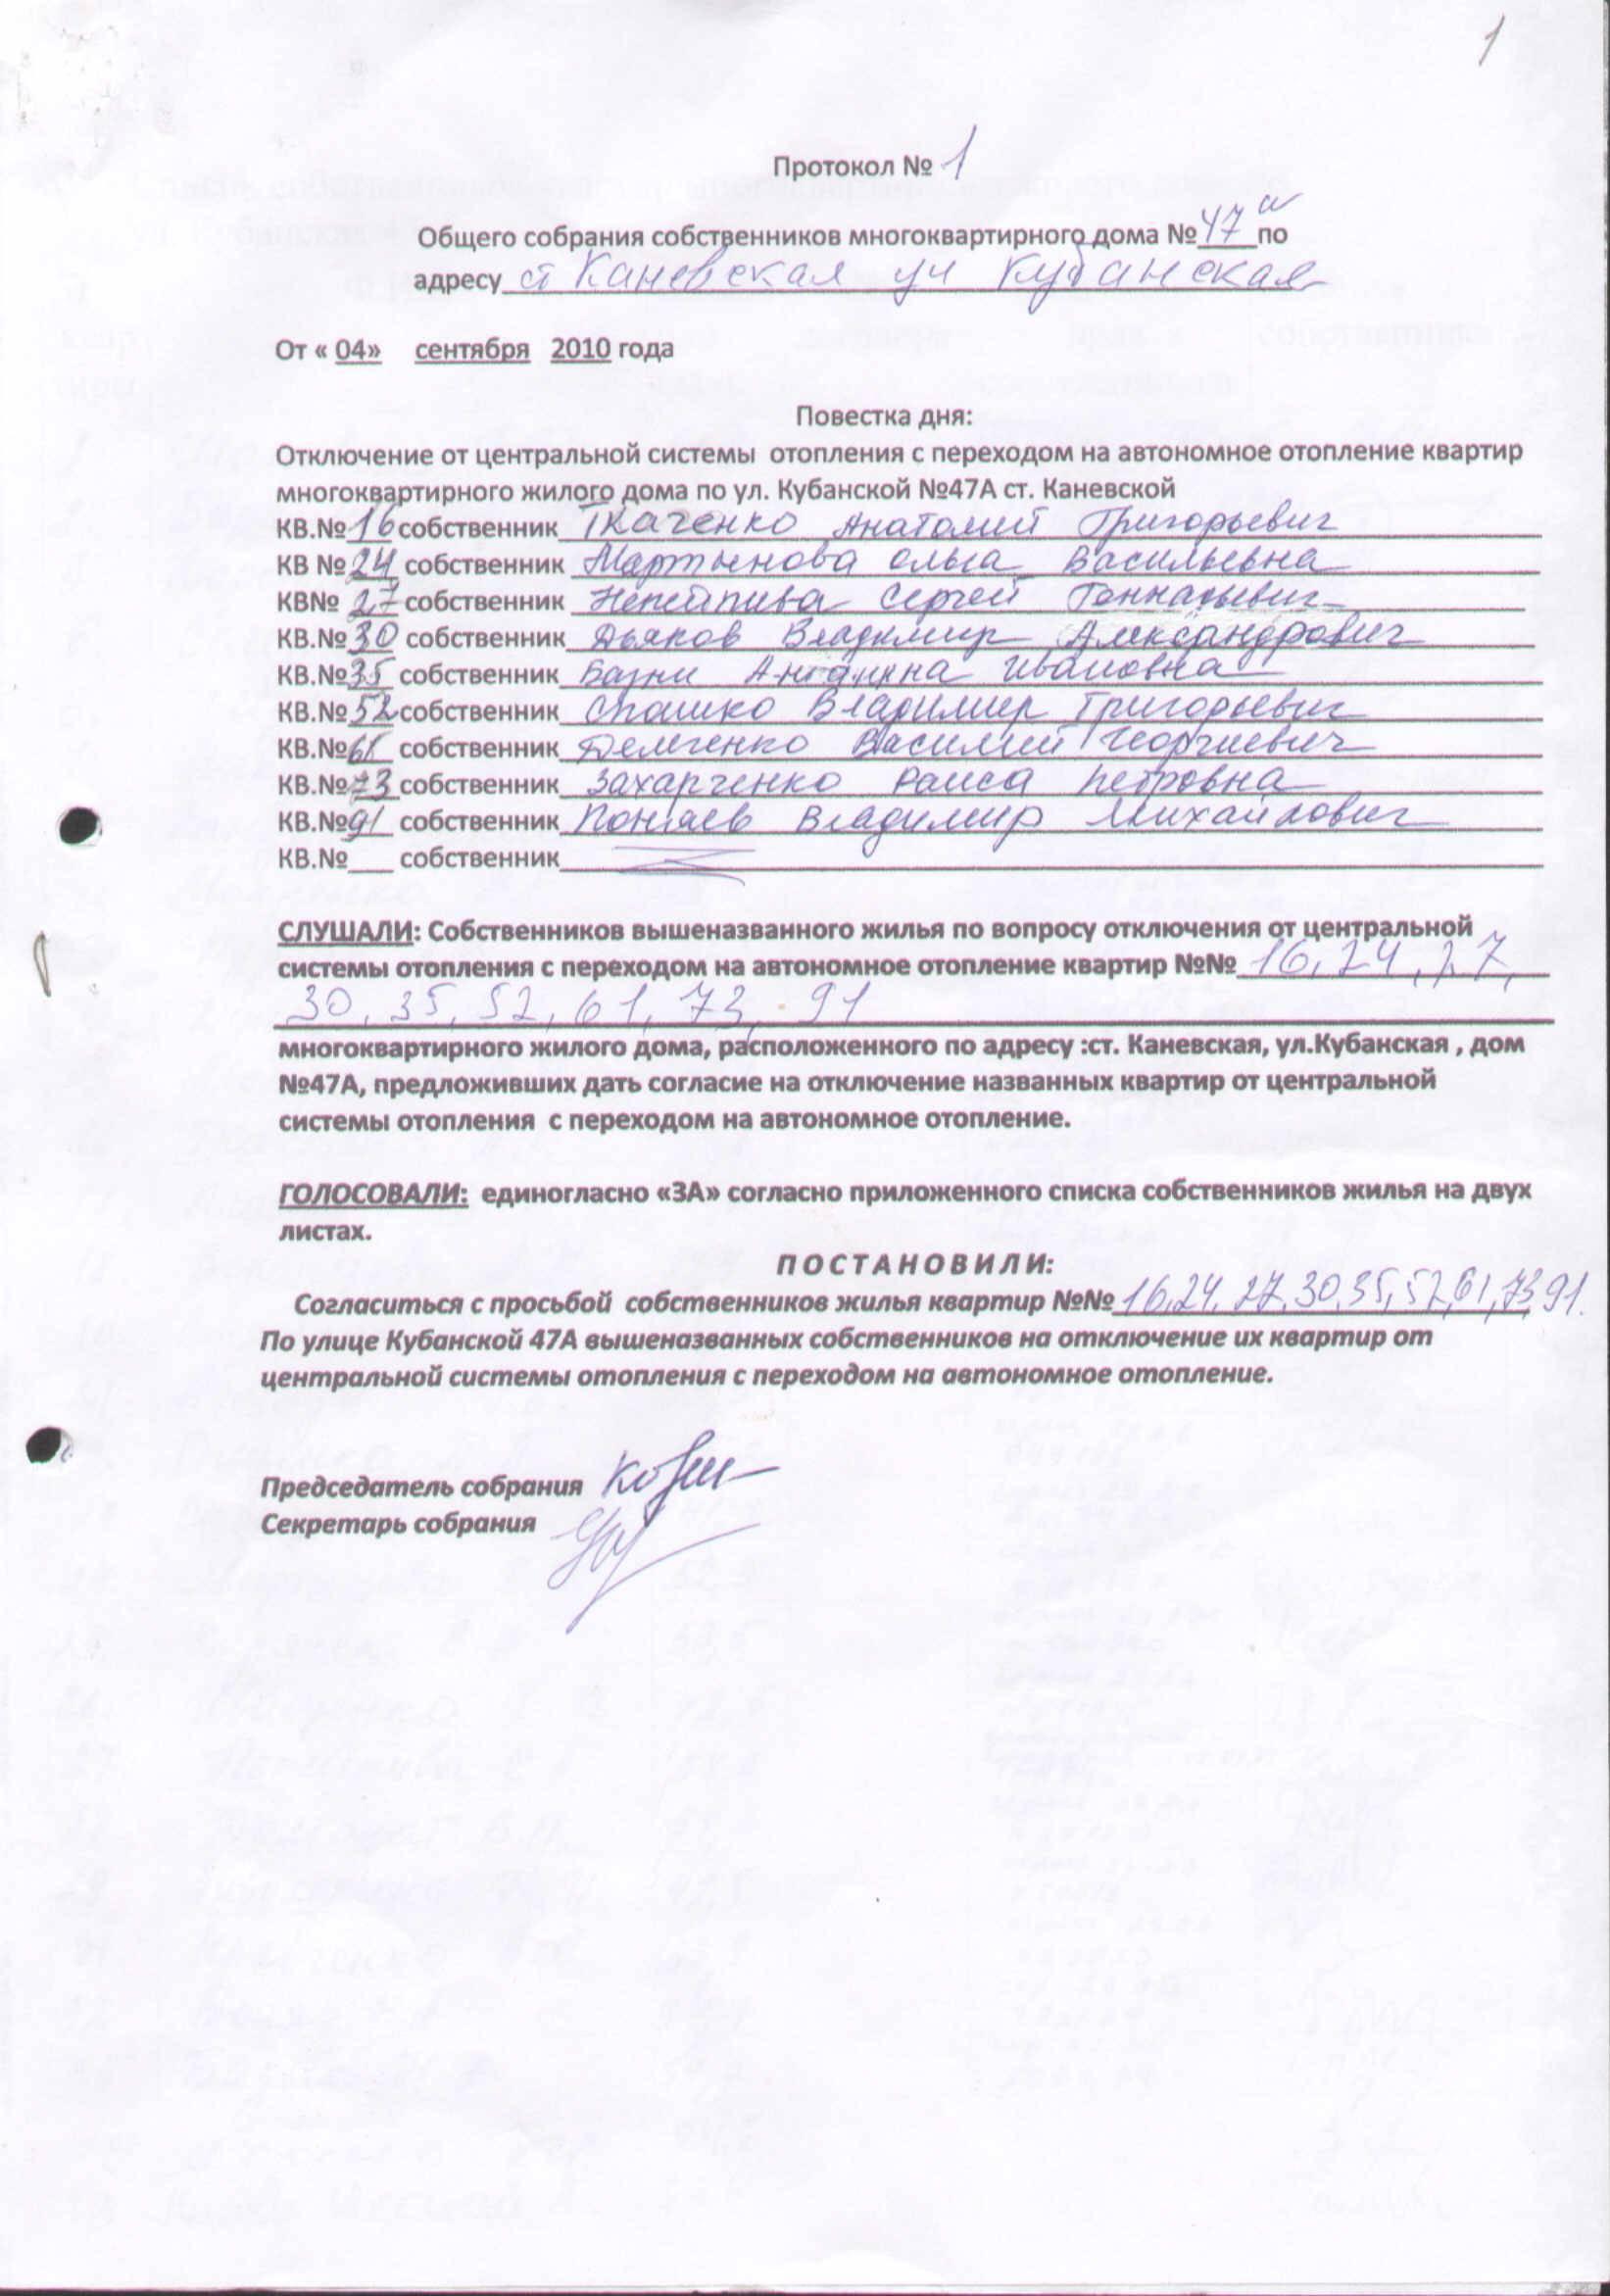 Как отказаться от отопления в многоквартирном доме в россии?